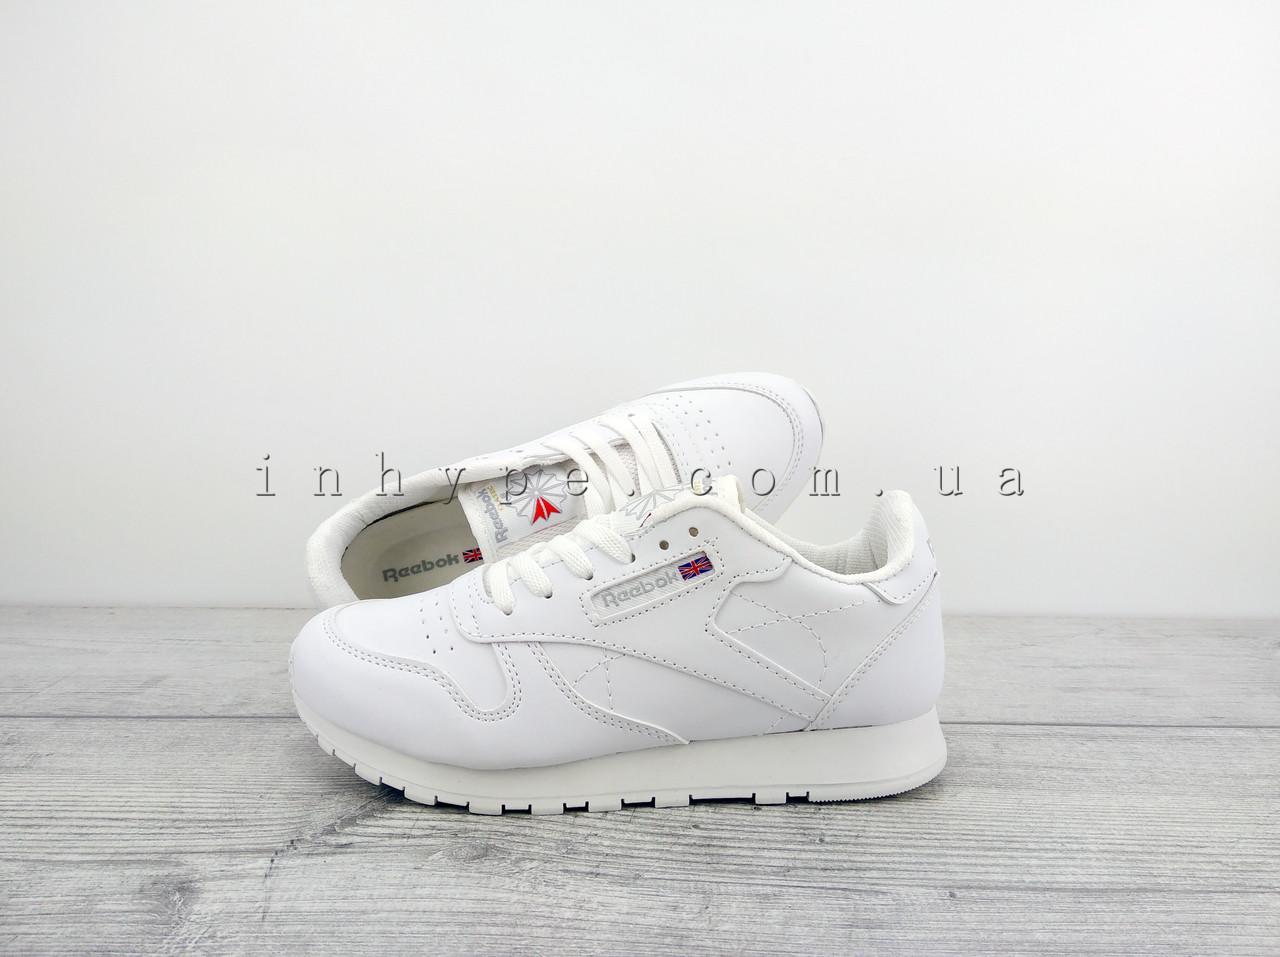 Женские кроссовки Reebok Classic Leather White Рибок белые кожаные -  Интернет магазин InHype в Киеве 9badfa7914783